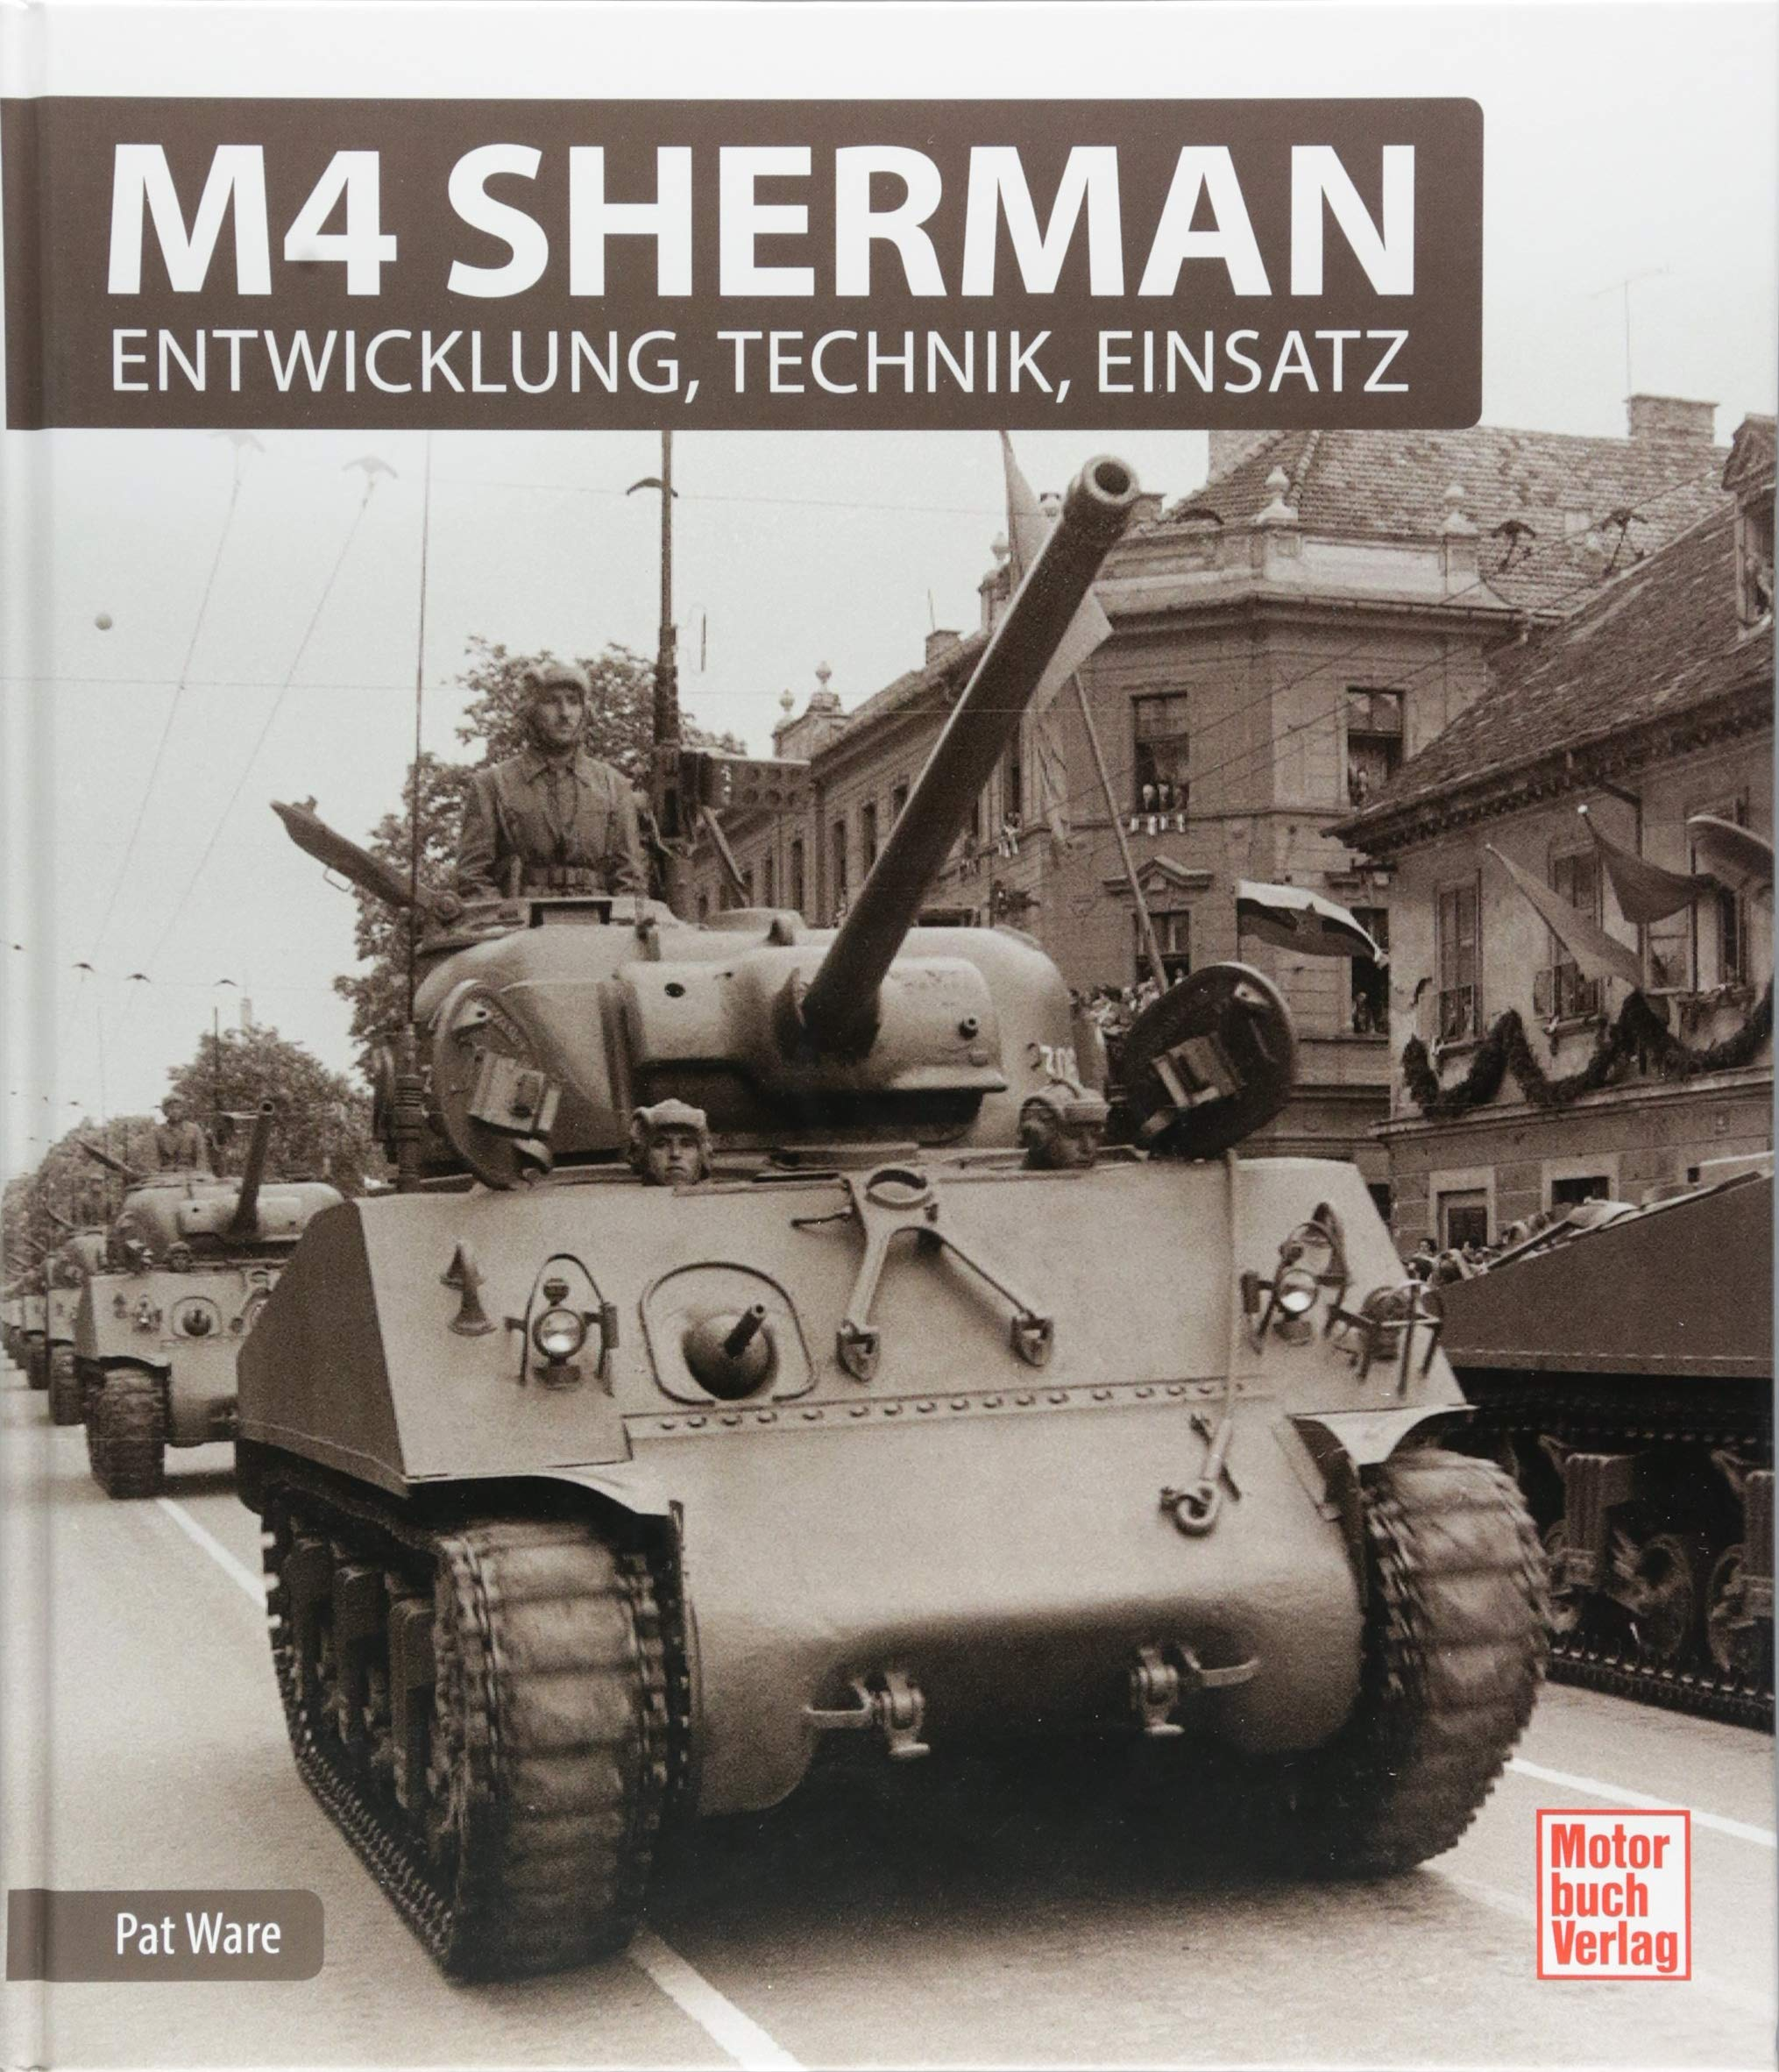 M4 Sherman: Entwicklung, Technik, Einsatz